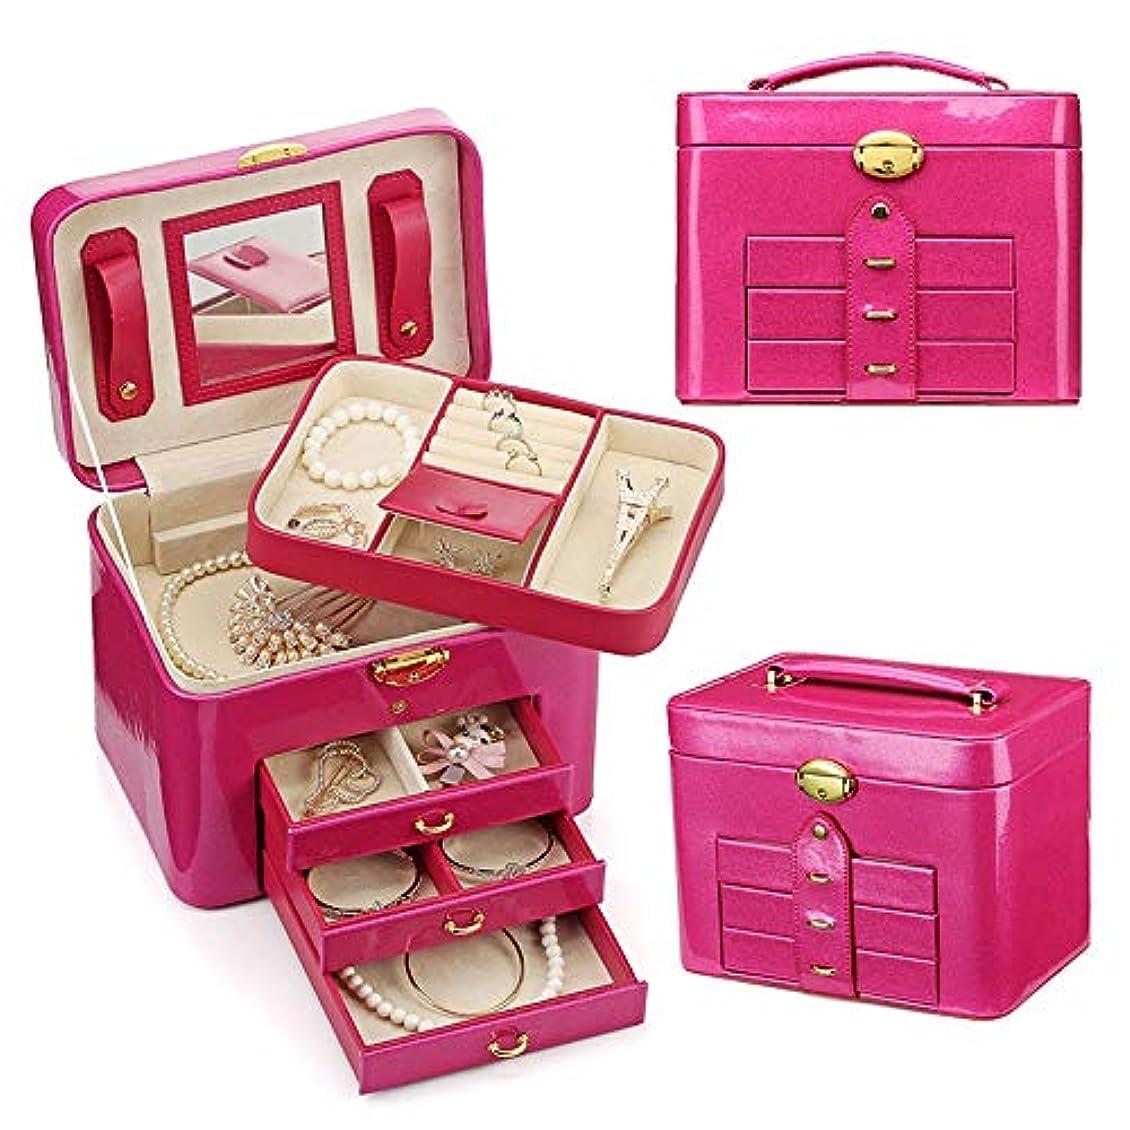 愛情利益家主化粧オーガナイザーバッグ 多層の引き出し女性の宝石の収納箱小物のストレージのための 化粧品ケース (色 : ローズレッド)